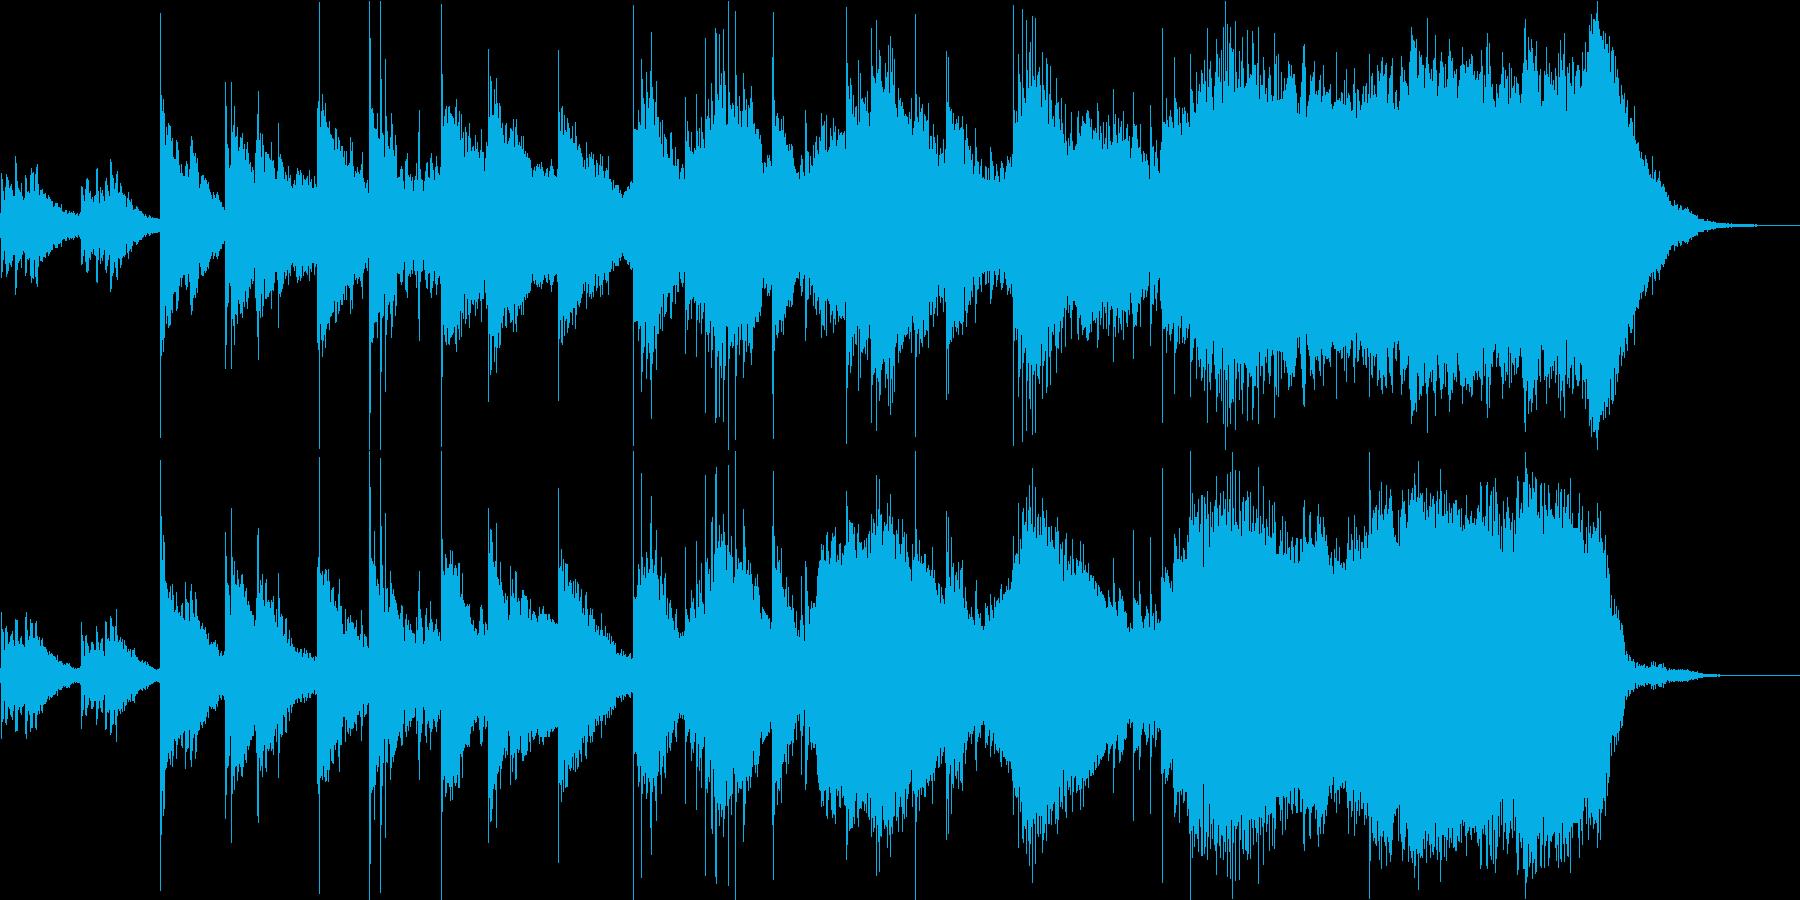 幻想的で、神仏や夜を思わせる和風の曲の再生済みの波形